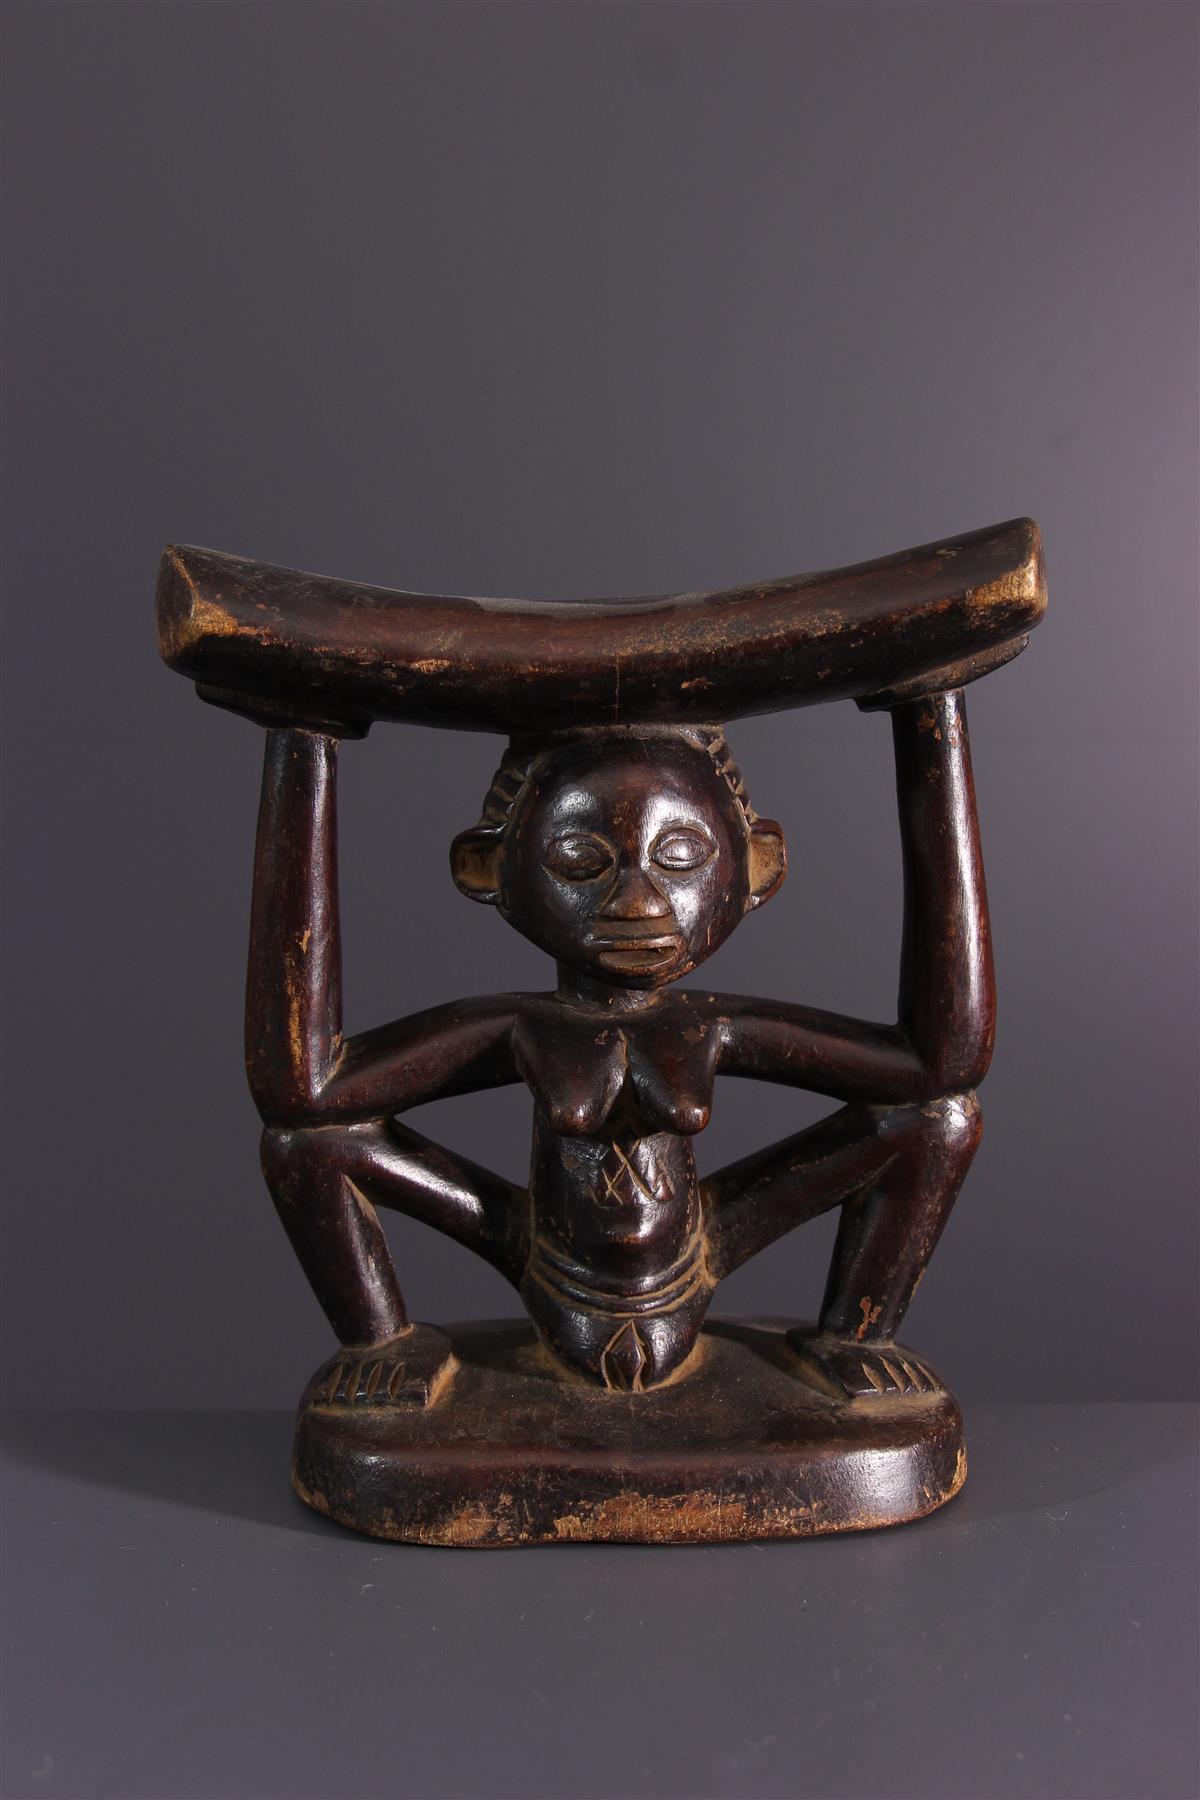 Luba hoofdsteun - Afrikaanse kunst